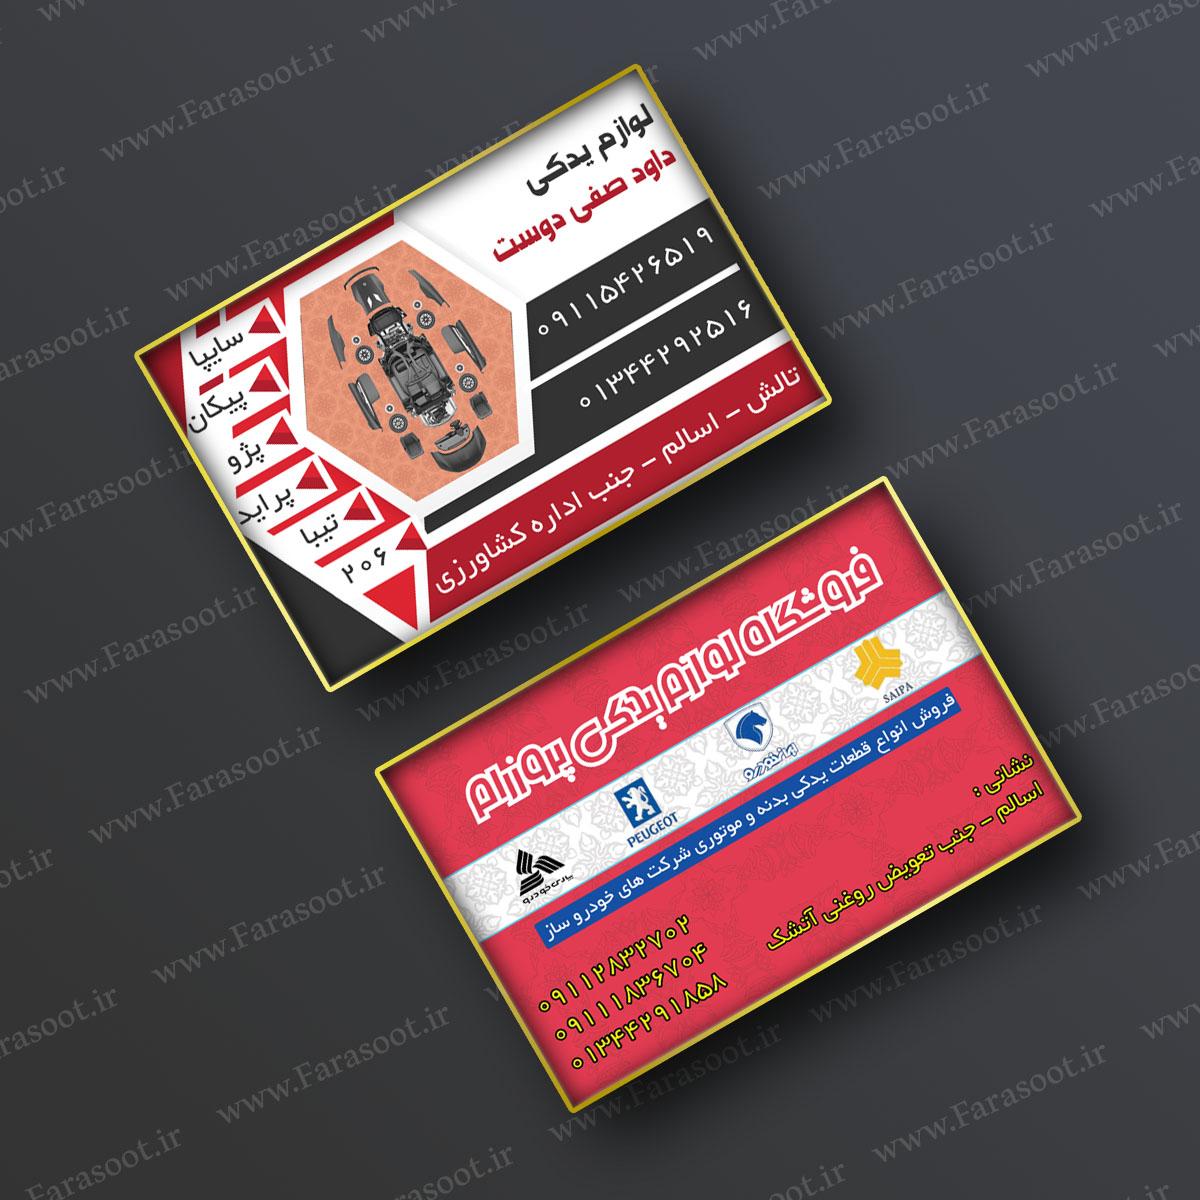 دانلود فایل لایه باز کارت ویزیت پروزرام و صفی دوست